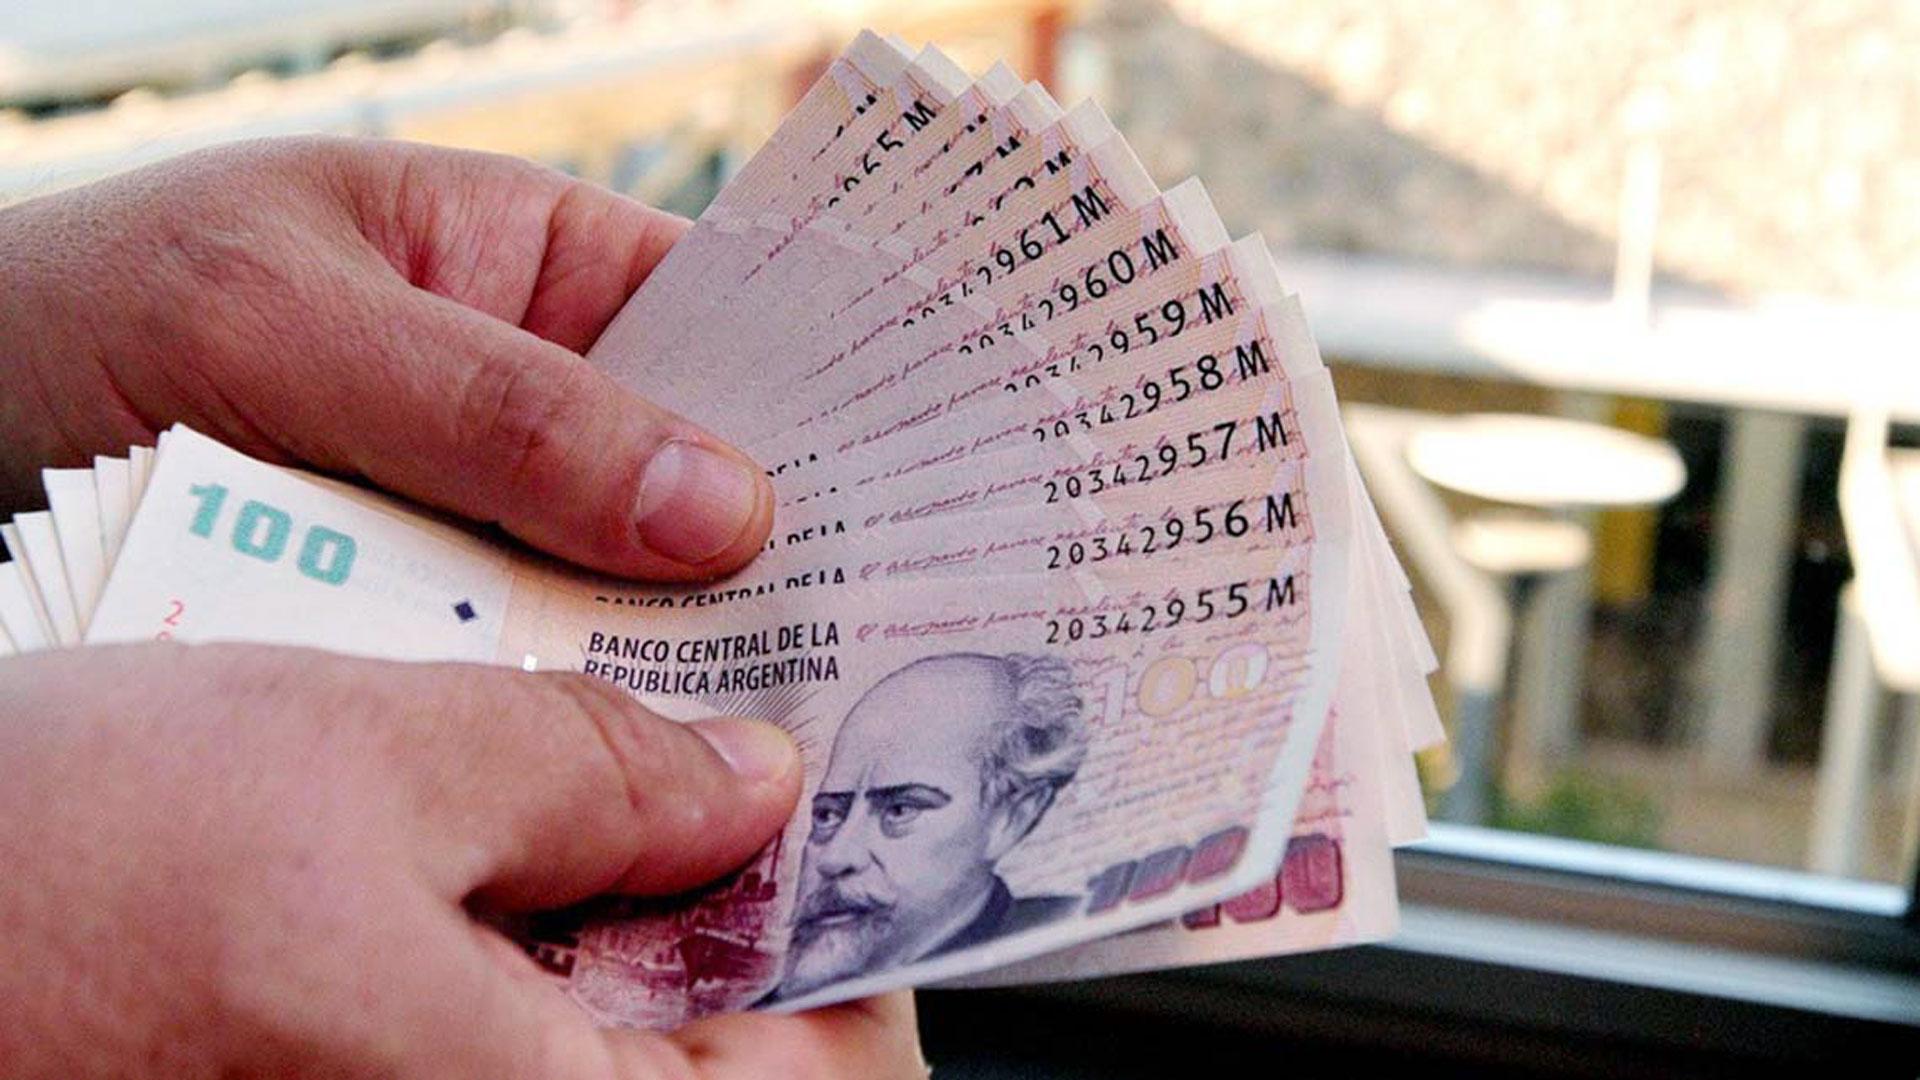 Los depósitos del sector privado aumentaron algo más que la inflación. (Infobae)